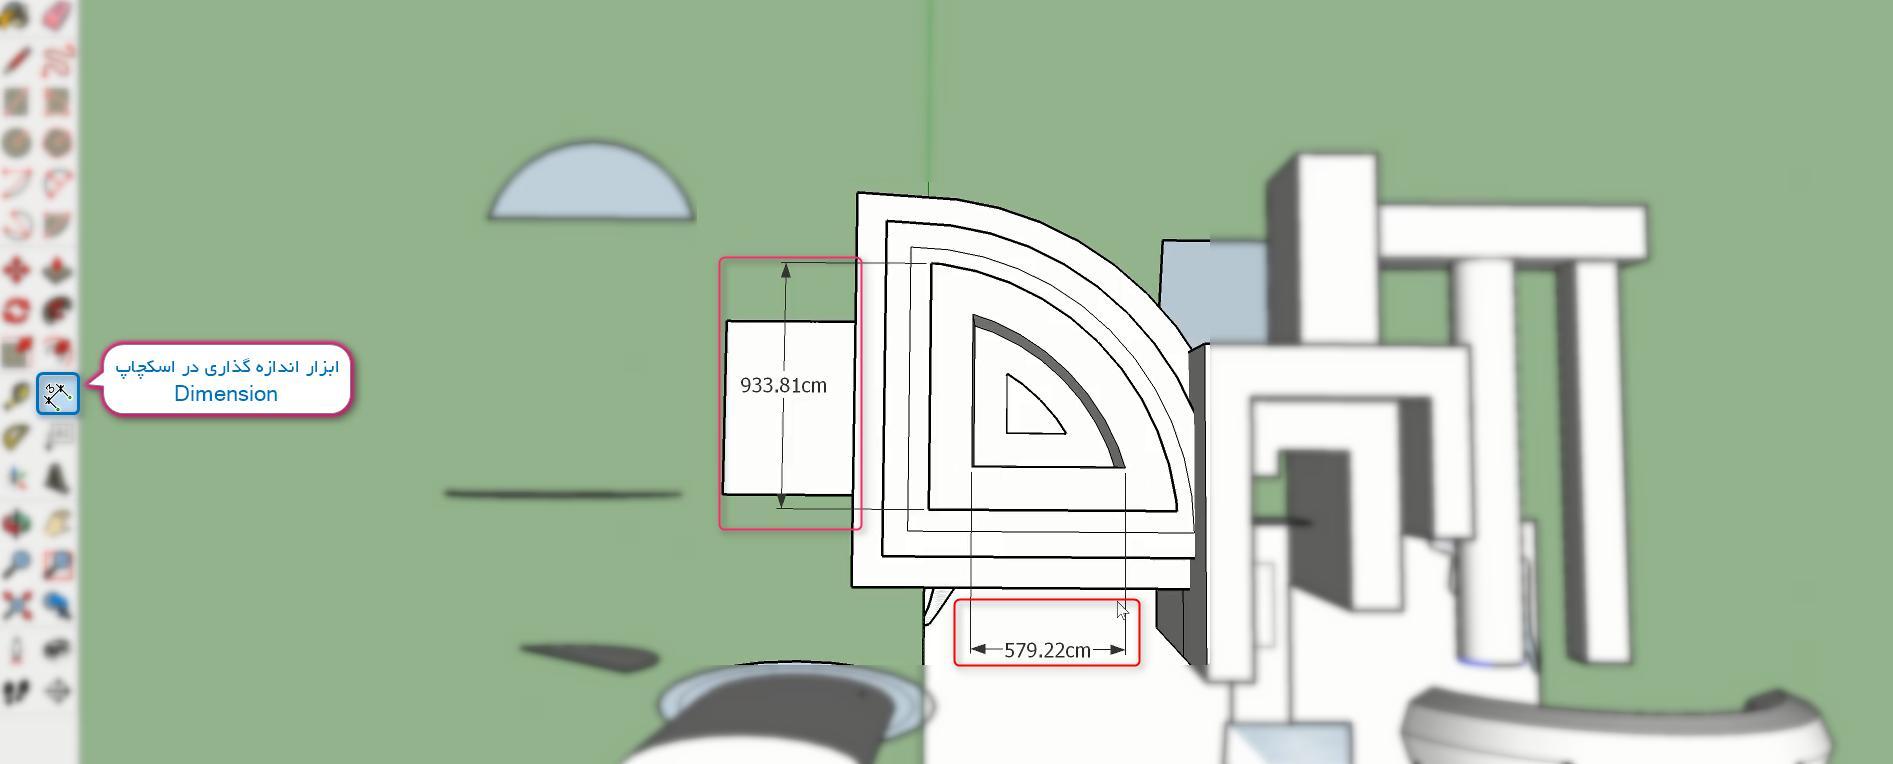 آموزش, ابزار, Dimension ,اسکچاپ, sketchup ,اندازه گذاری ,اسکچاپ, آموزش نرم افزار اسکچاپ, آموزش رایگان sketchup, دانلود رایگان آموزش اسکچاپ 2017, دانلود نرم افزار اسکچاپ 2017, رسم با اسکچاپ, آموزش حرفه ای اسکچاپ, مدل سازی 3D اسکچاپ, آموزش مبانی اسکچاپ, آموزش پایه ای اسکچاپ, نکات اسکچاپ, ترفندهای اسکچاپ, کتاب فارسی اسکچاپ, آموزش تصویری اسکچاپ, آموزش ویدیویی اسکچاپ 2017, آموزش ویدیویی vray